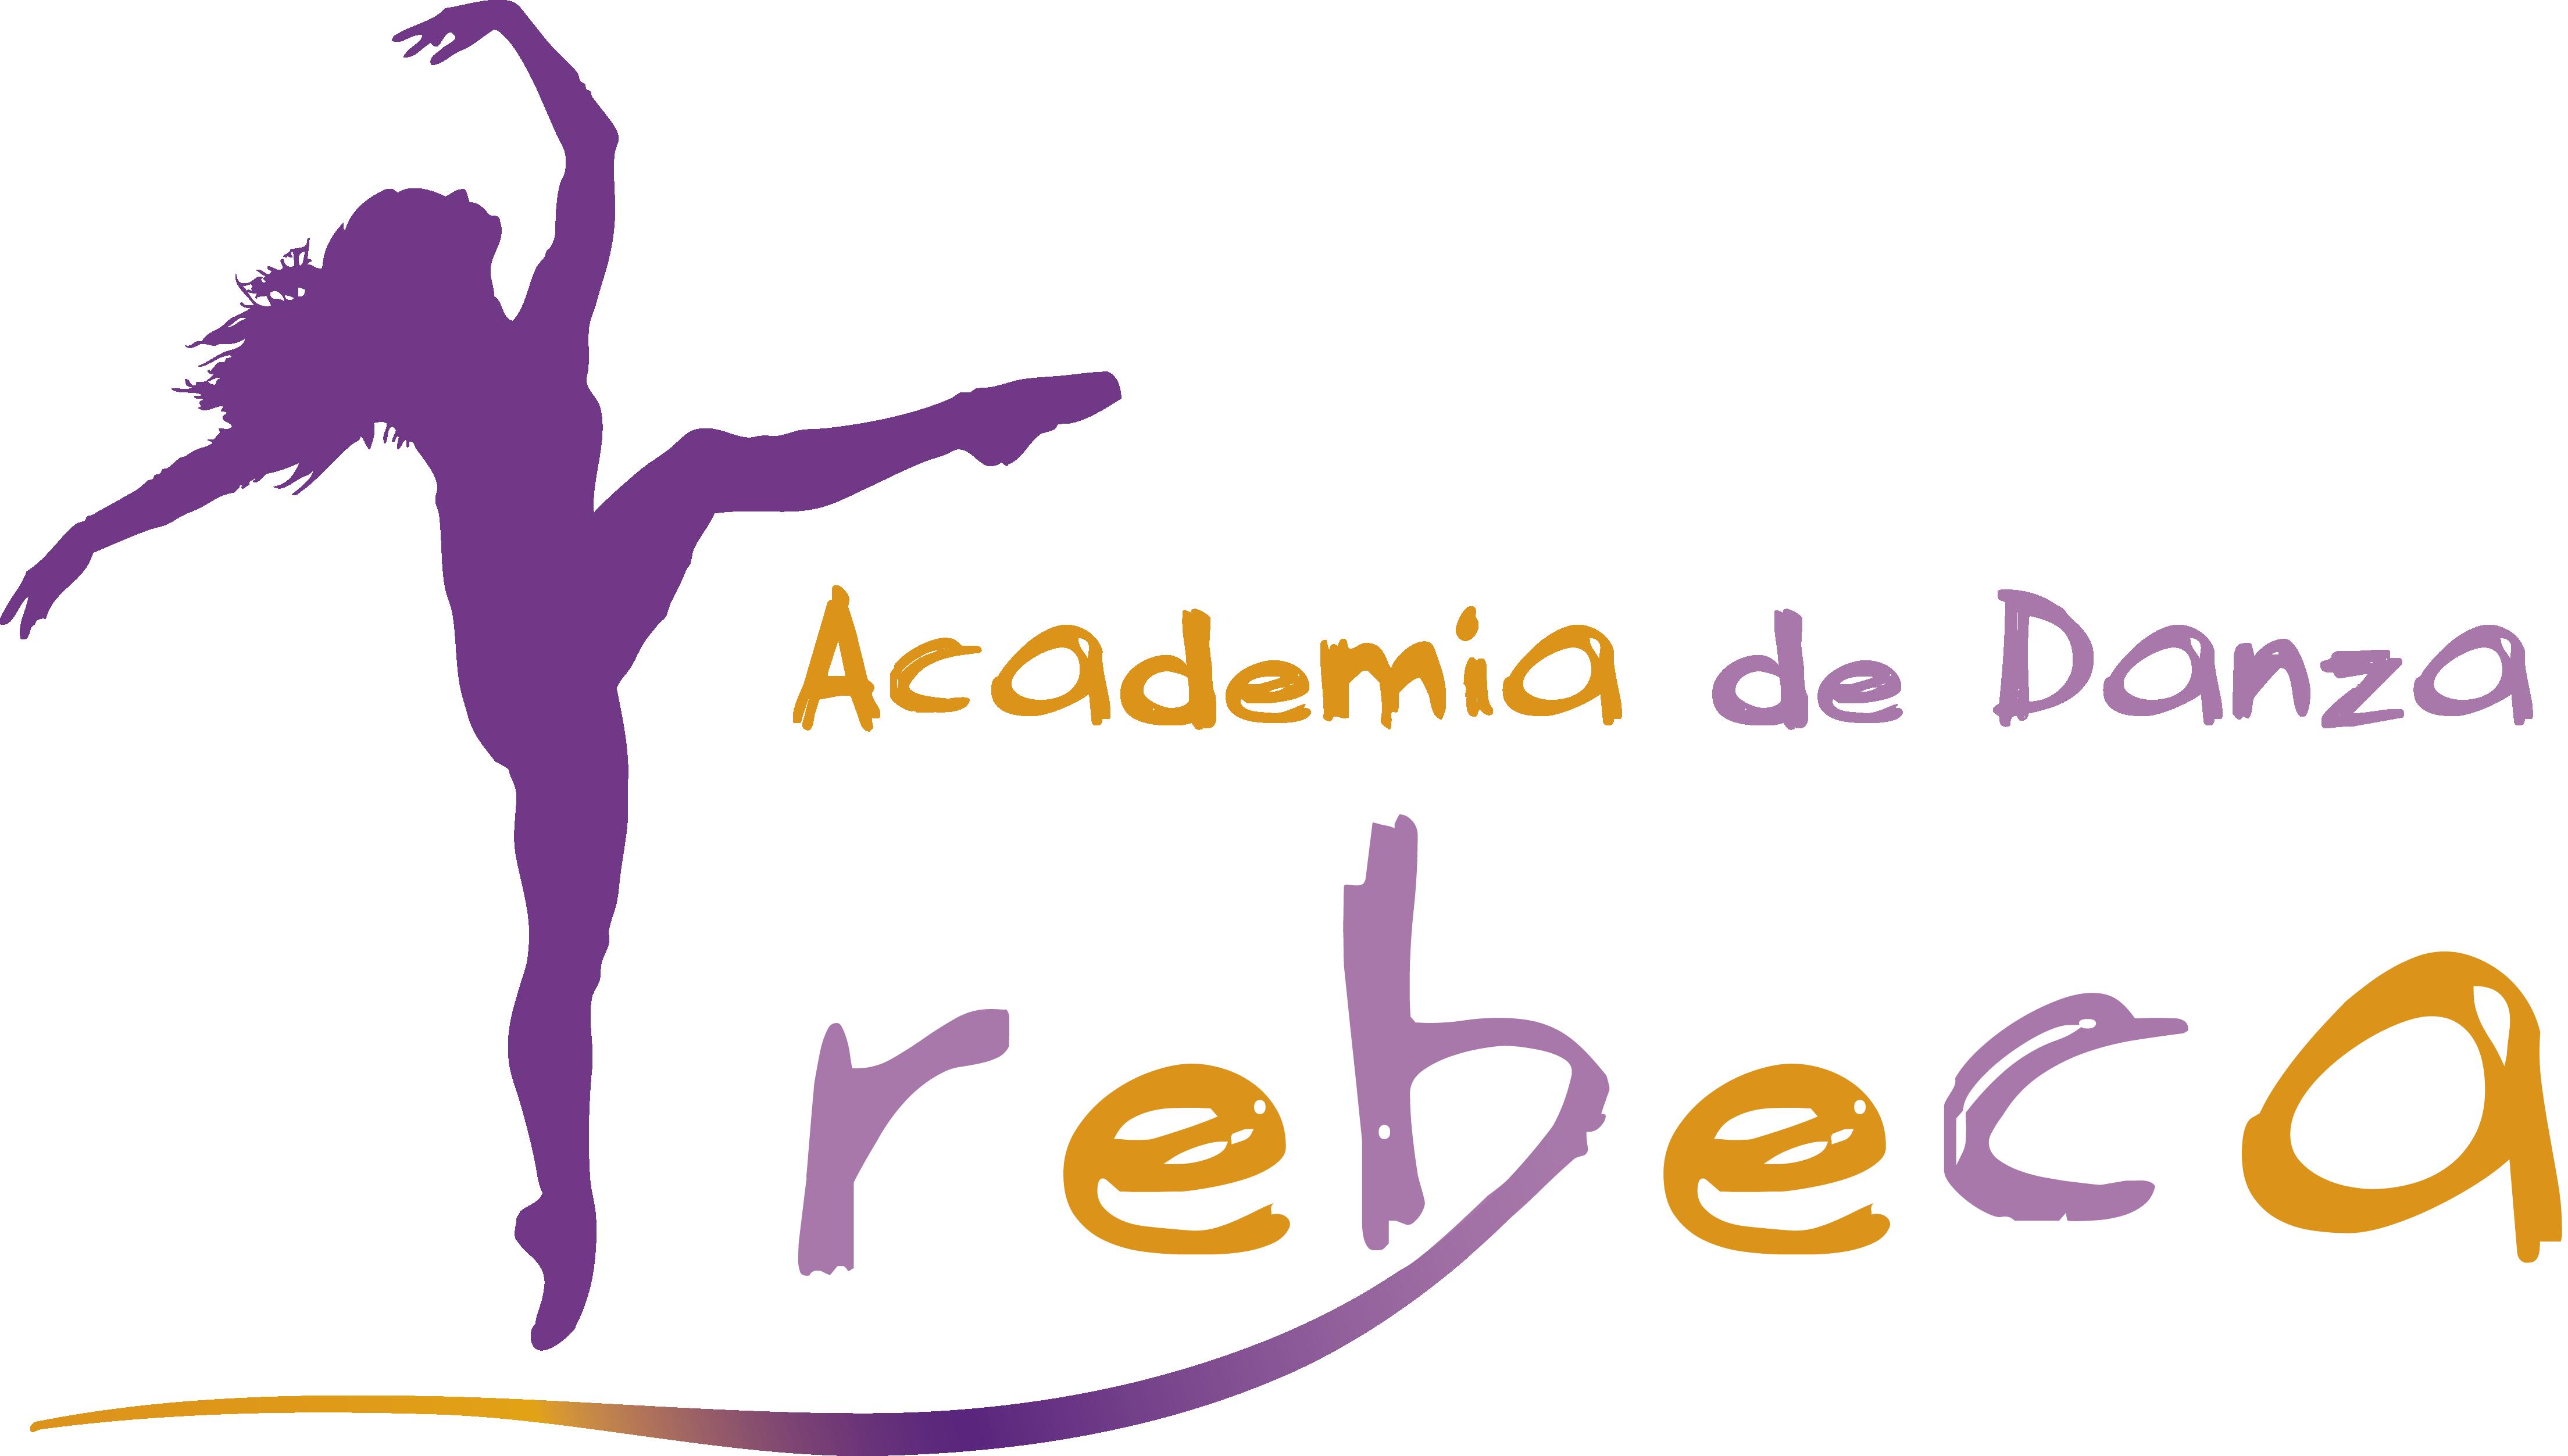 Danza Rebeca